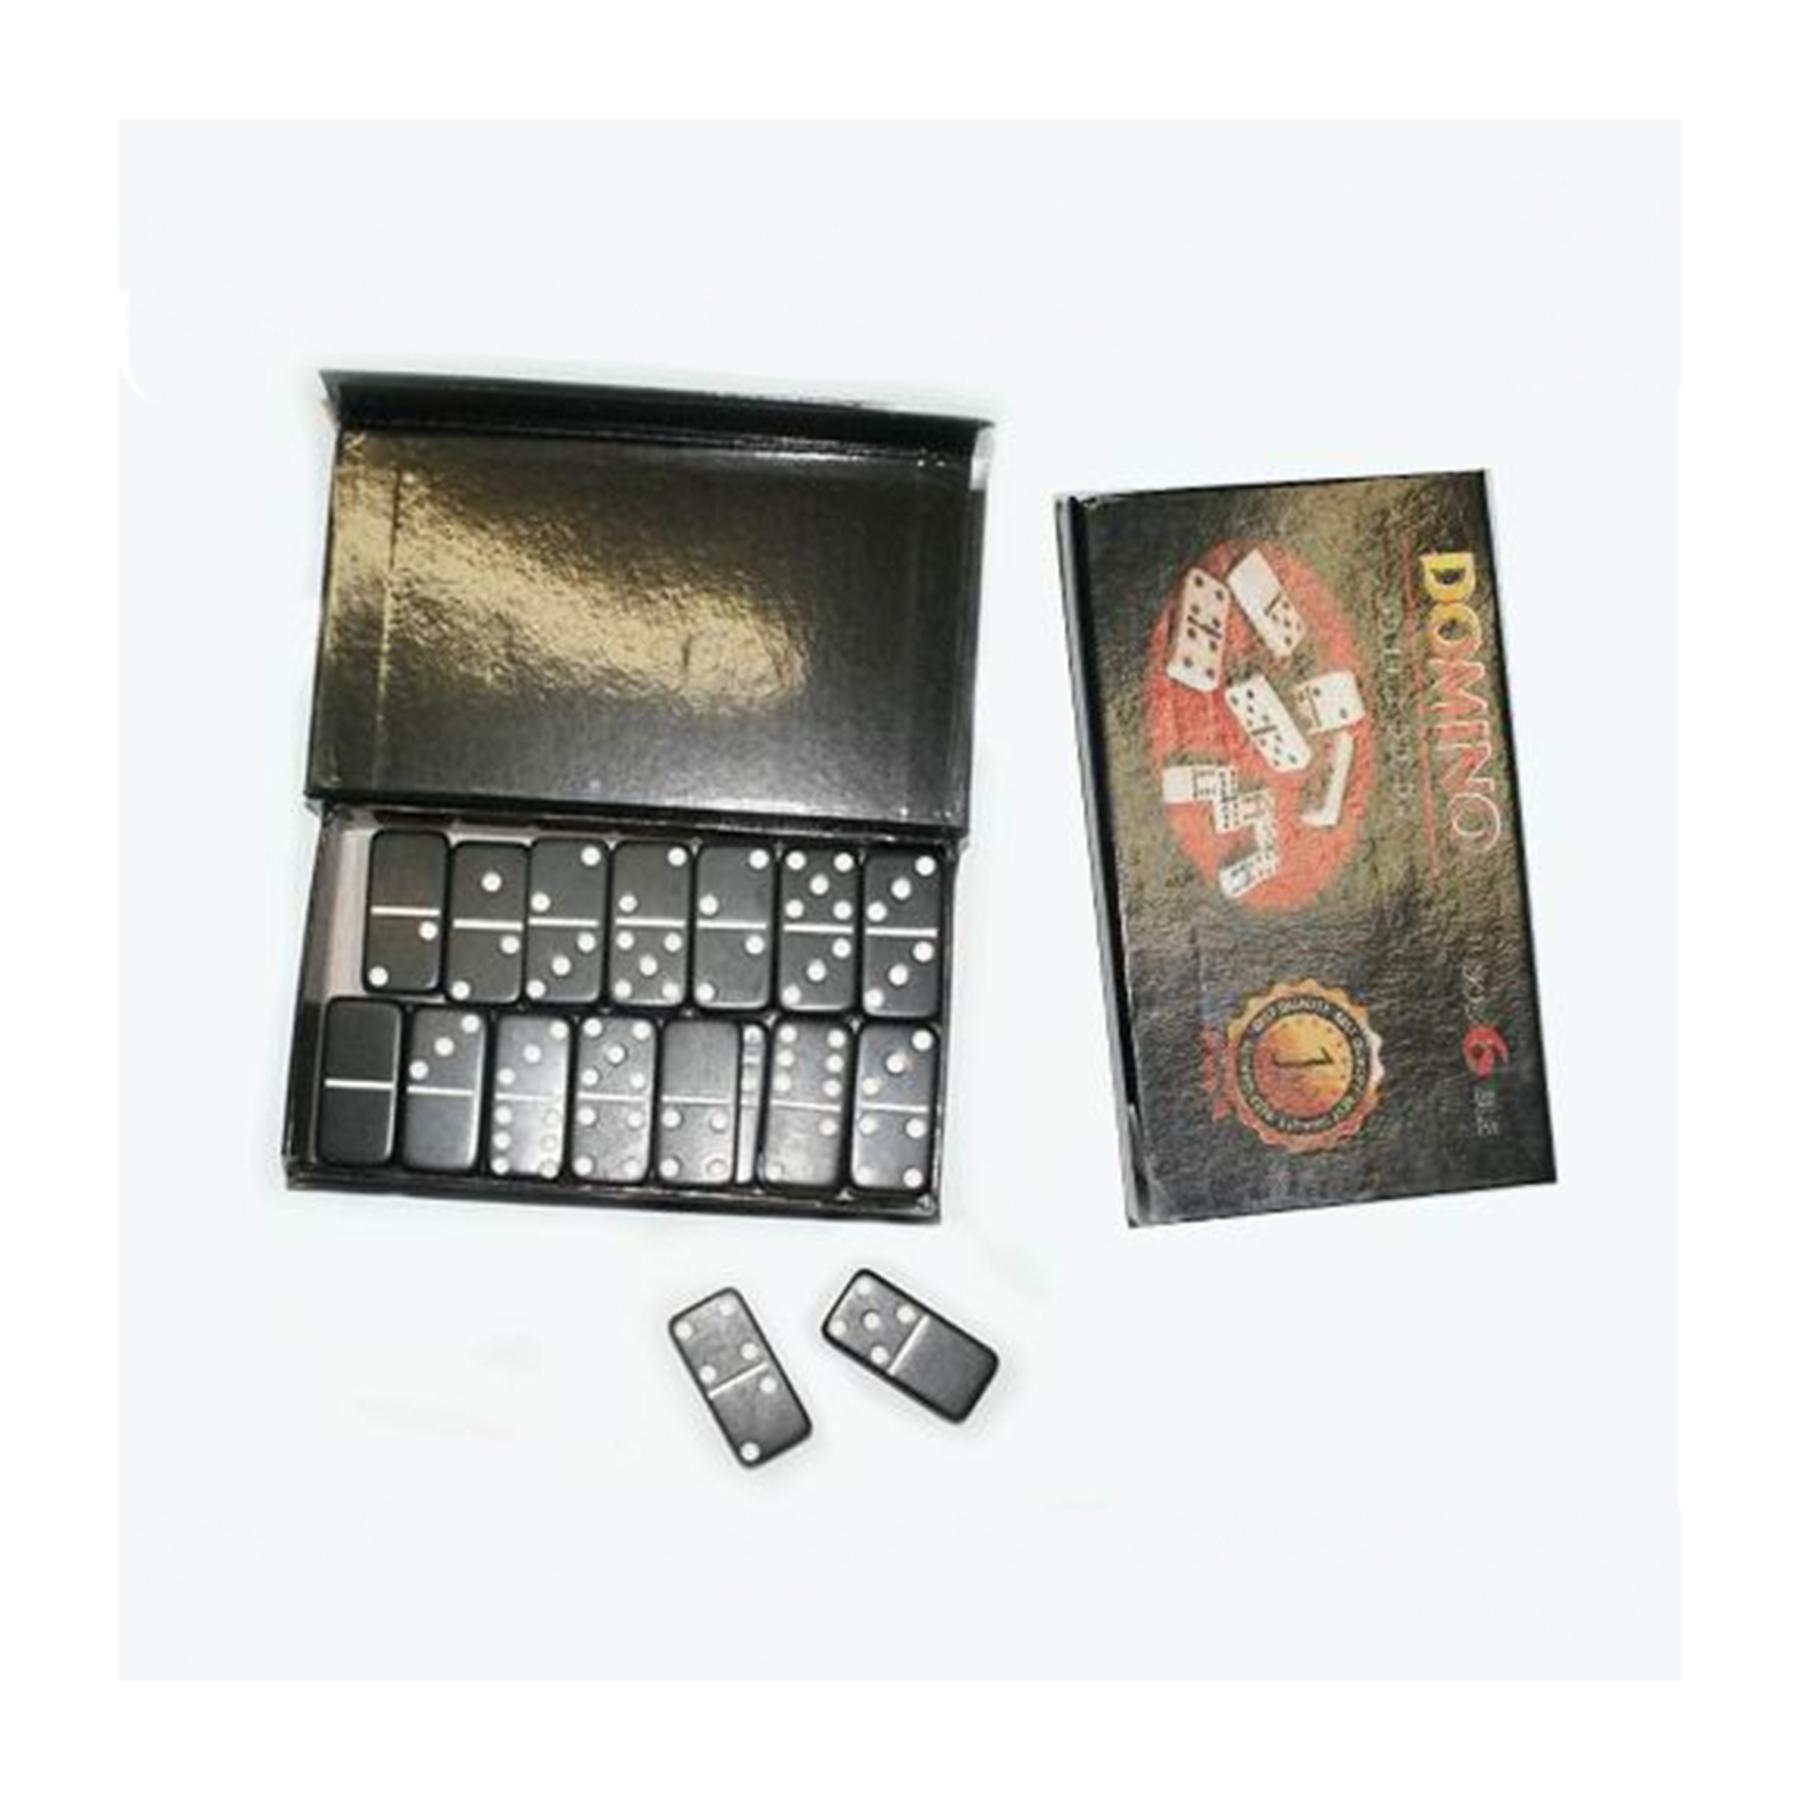 Домино в картонной коробочке. Кость чёрного цвета, размер 40х19 мм. 4010Н (09329)